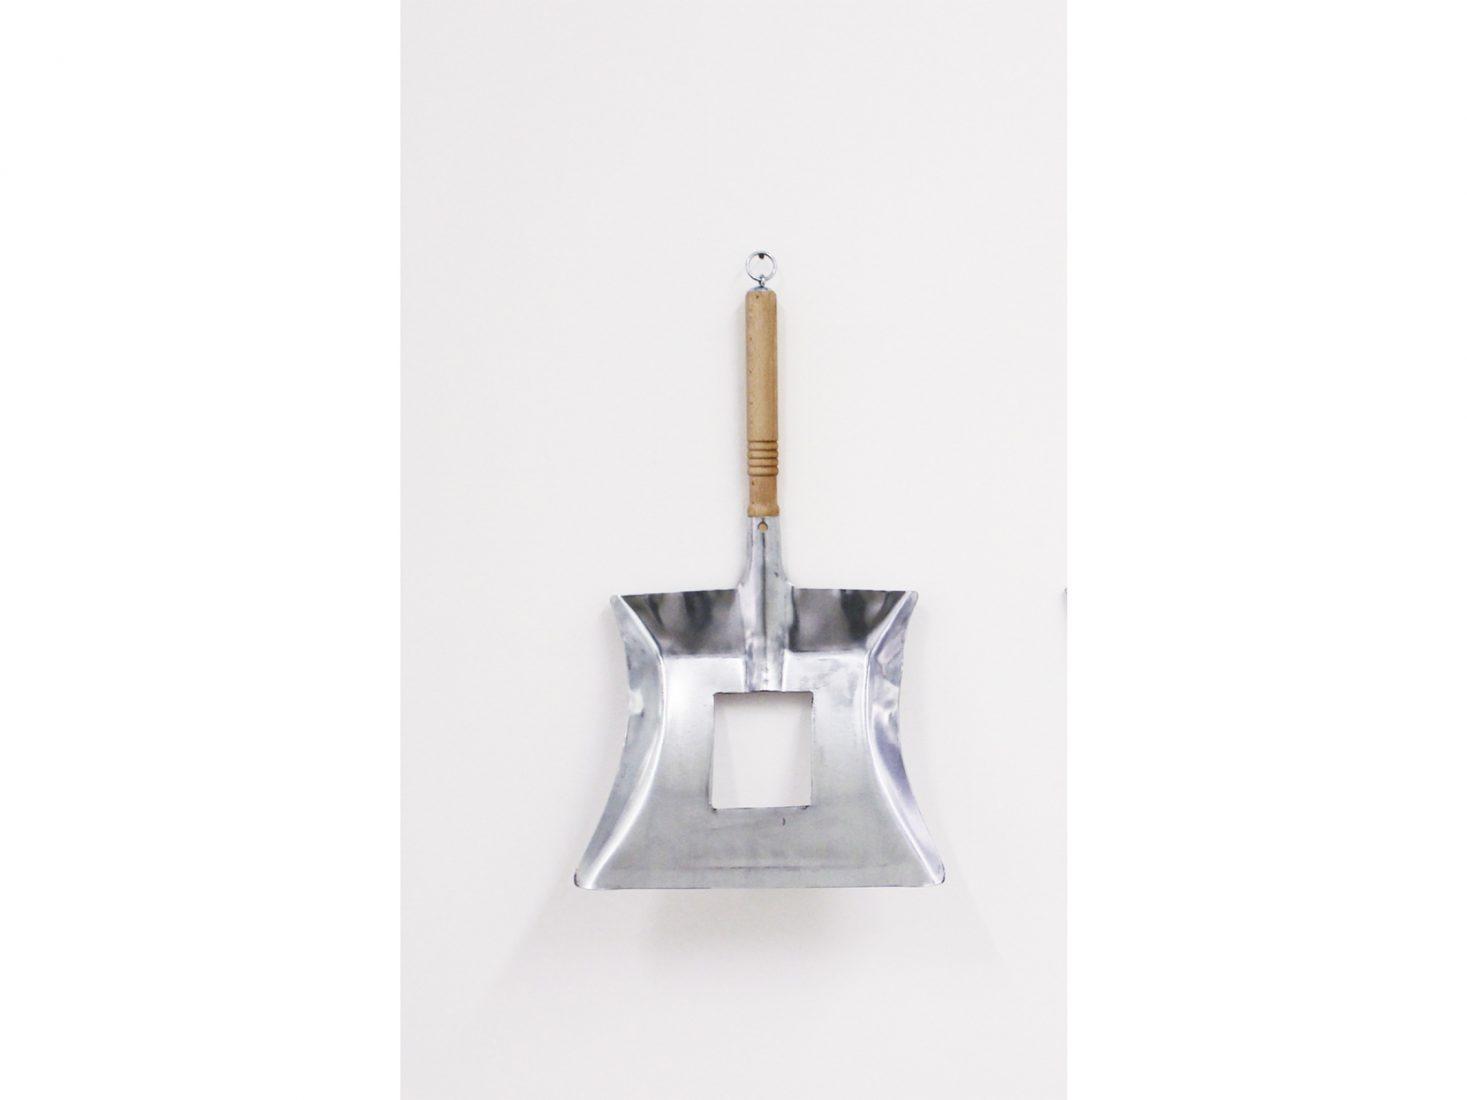 Michail Michailov. Shovel #8, 2019, object, 45x27 cm